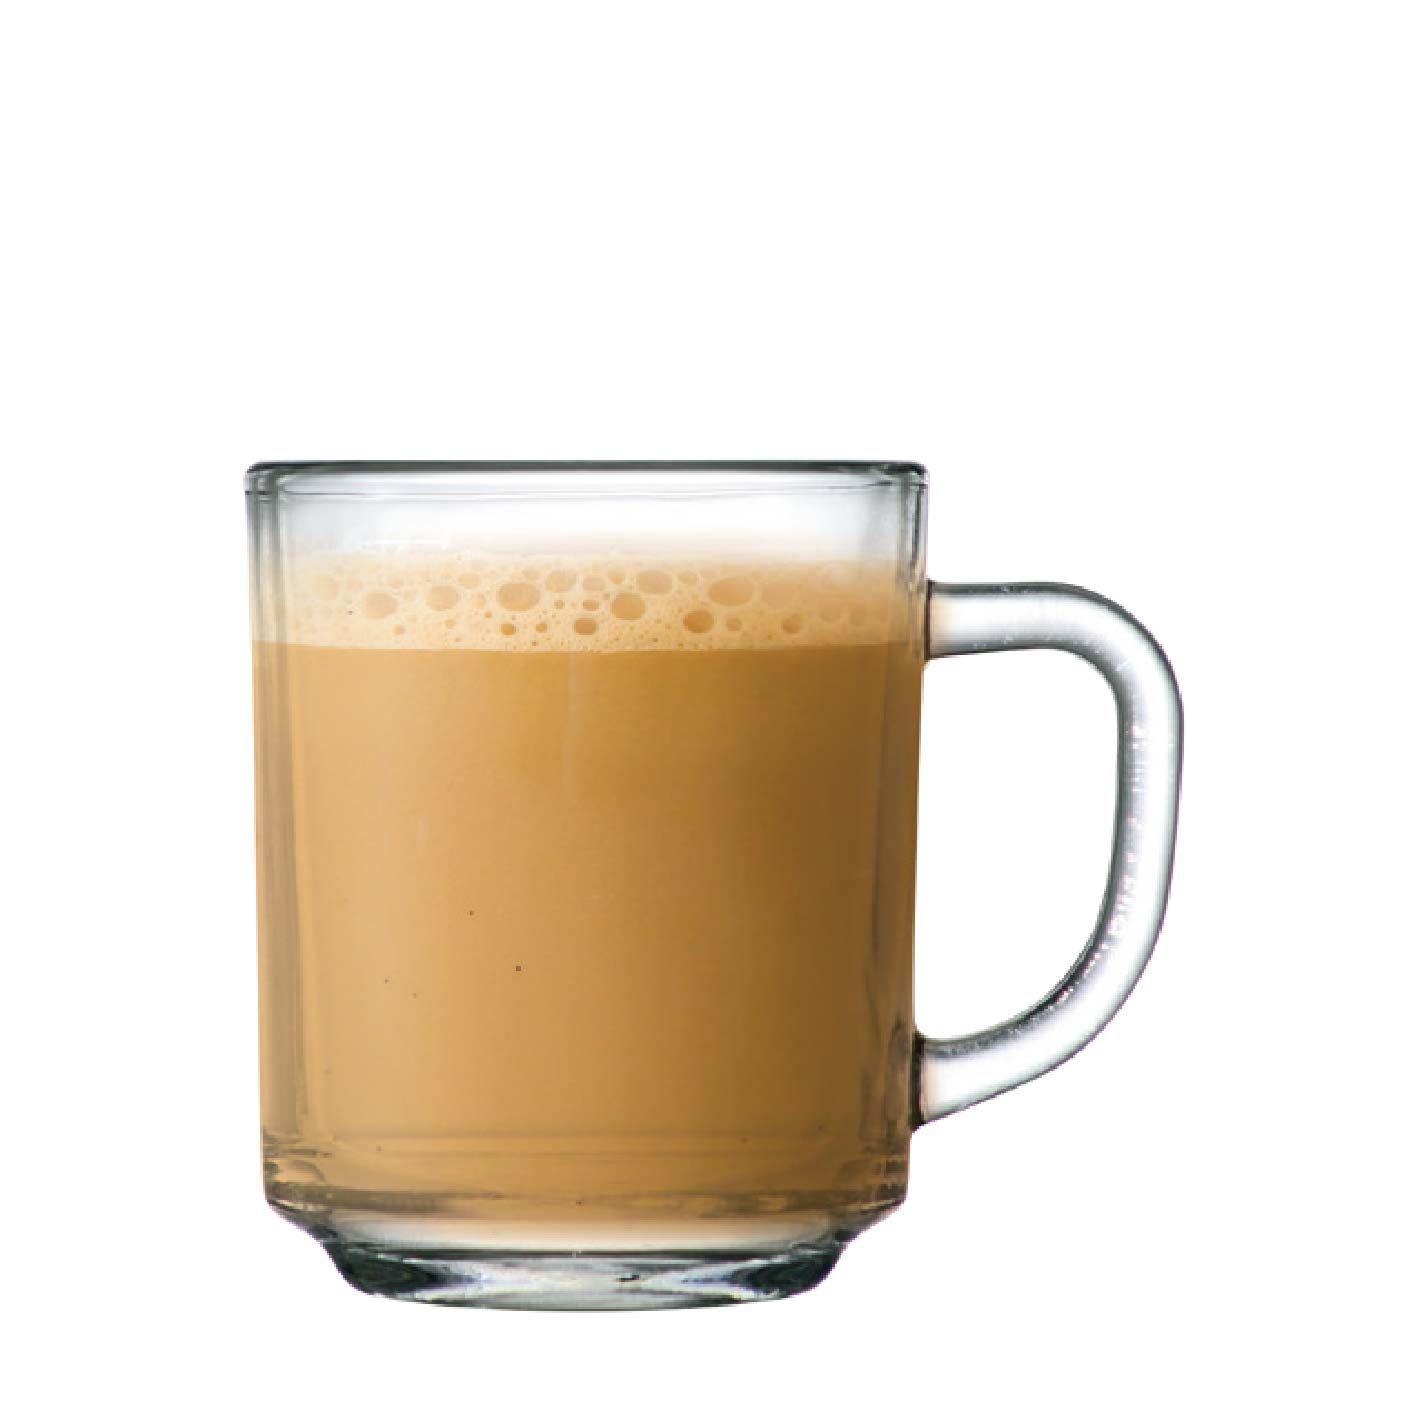 Jogo de Xicaras Canecas Copos de Café Wake Up 245ml 2 Pcs